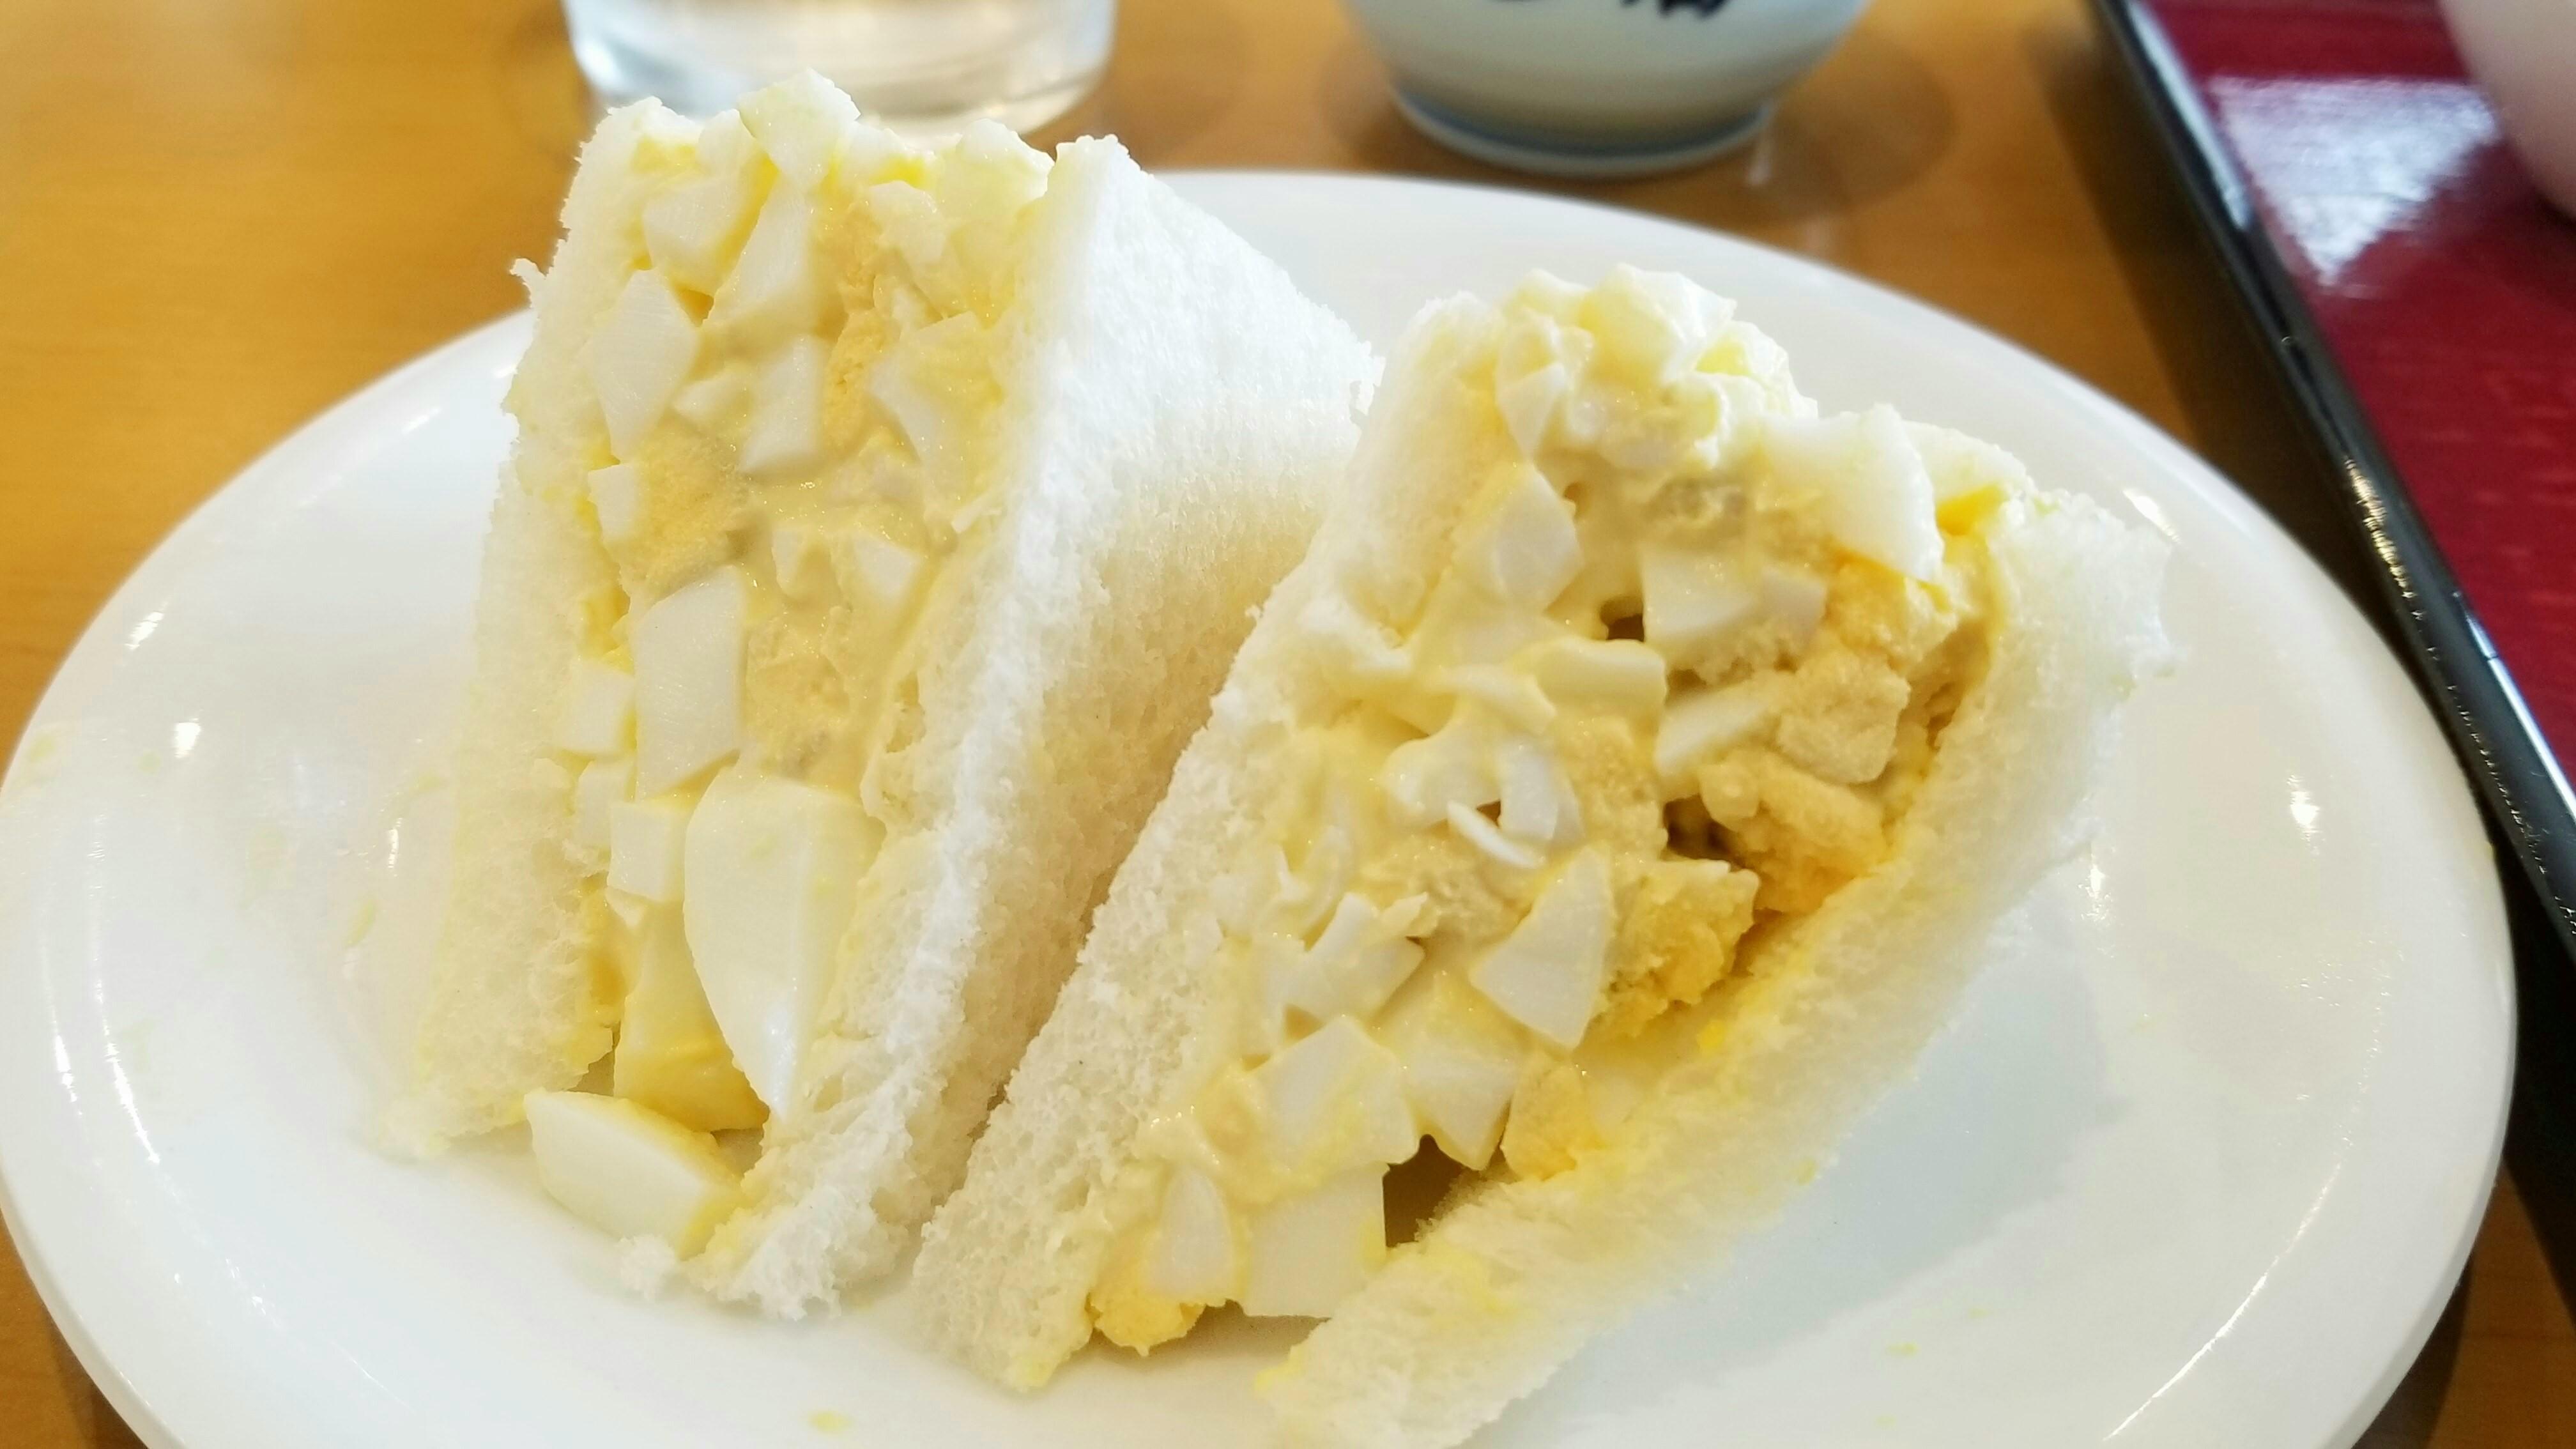 おいしいサンドイッチパン喫茶店カフェおすすめ愛媛県松山市ランチ